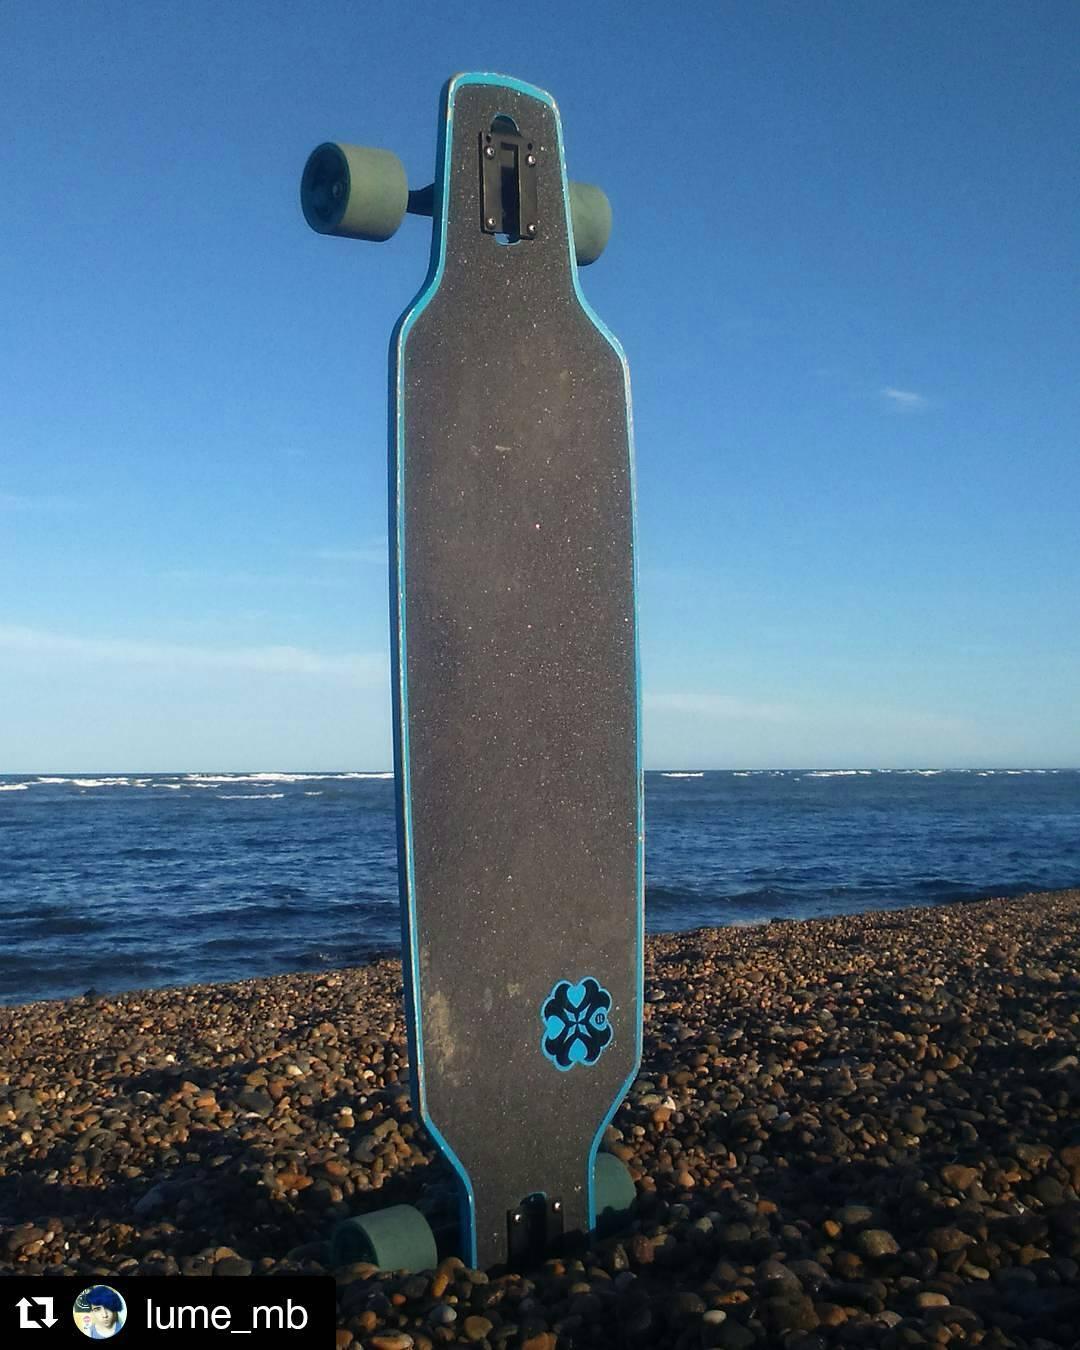 Muchos amigos ya se animaron a subir su foto con el hashtag #andarxandar  Solamente falta la TUYA! Que esperas?  #Repost @lume_mb ・・・ Cosas hermosas y mi long ❤ #longboard #long #sea #sky #nofilter #andarxandar #andarporandar #longboardargentina...